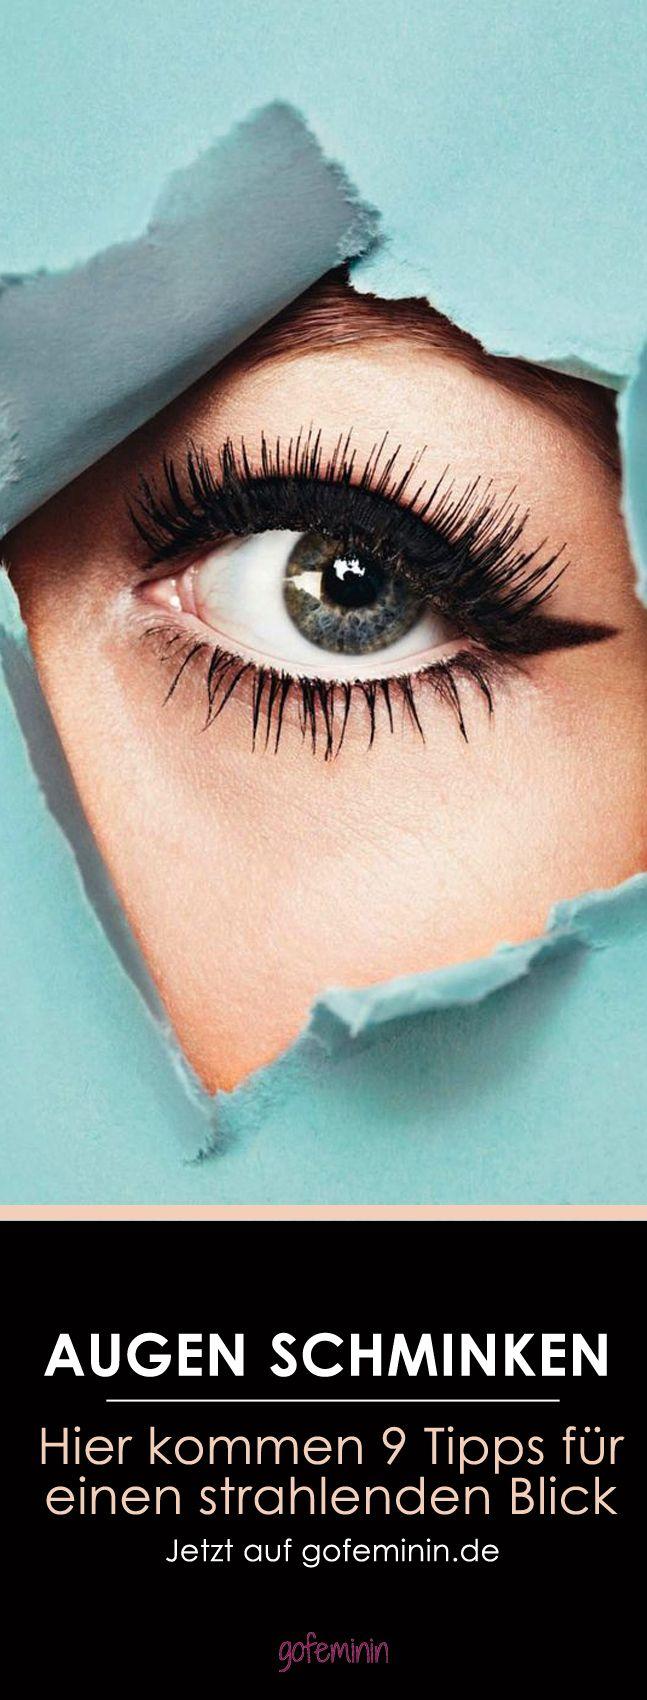 augen schminken leicht gemacht 9 tipps tricks fr einen strahlenden blick - Auenfarbe Ideen Fr Kleine Huser